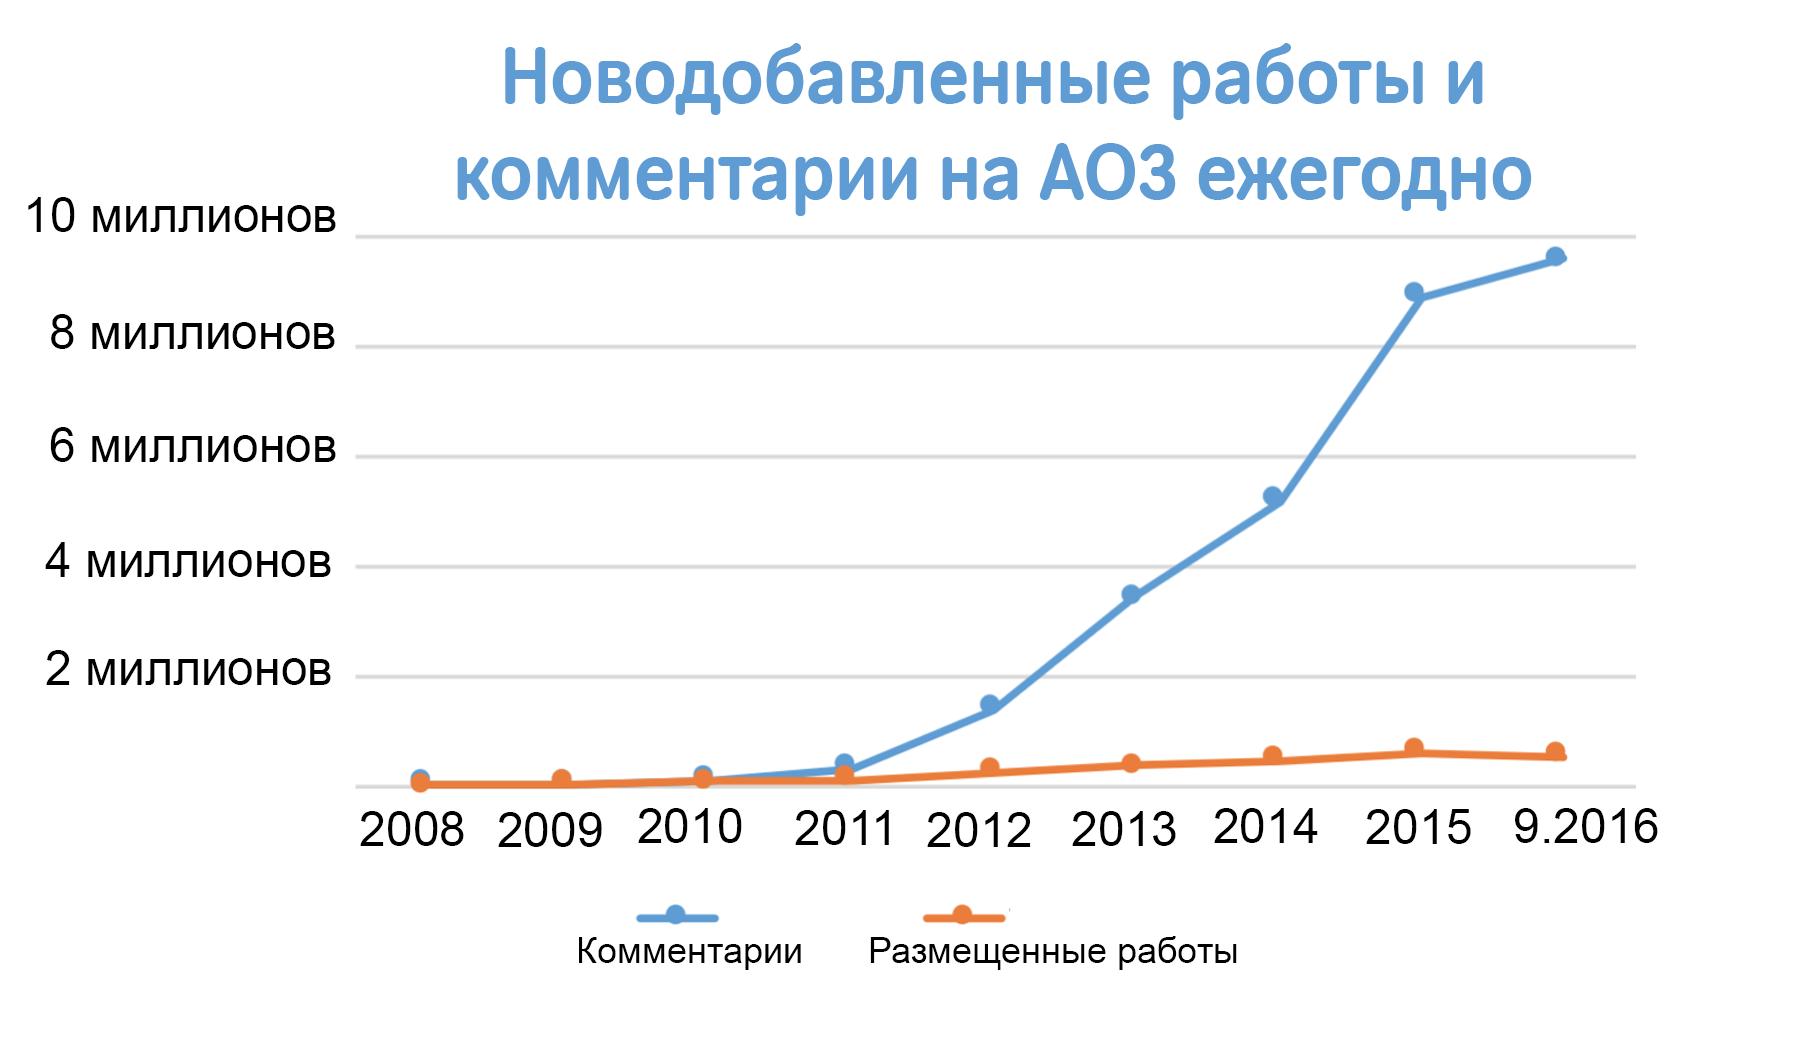 График роста количества работ и комментариев, создающихся каждый год на AO3, начиная с нуля в 2008 году до более чем 500 000 работ и 9.5 миллионам комментариев лишь только в этом году.